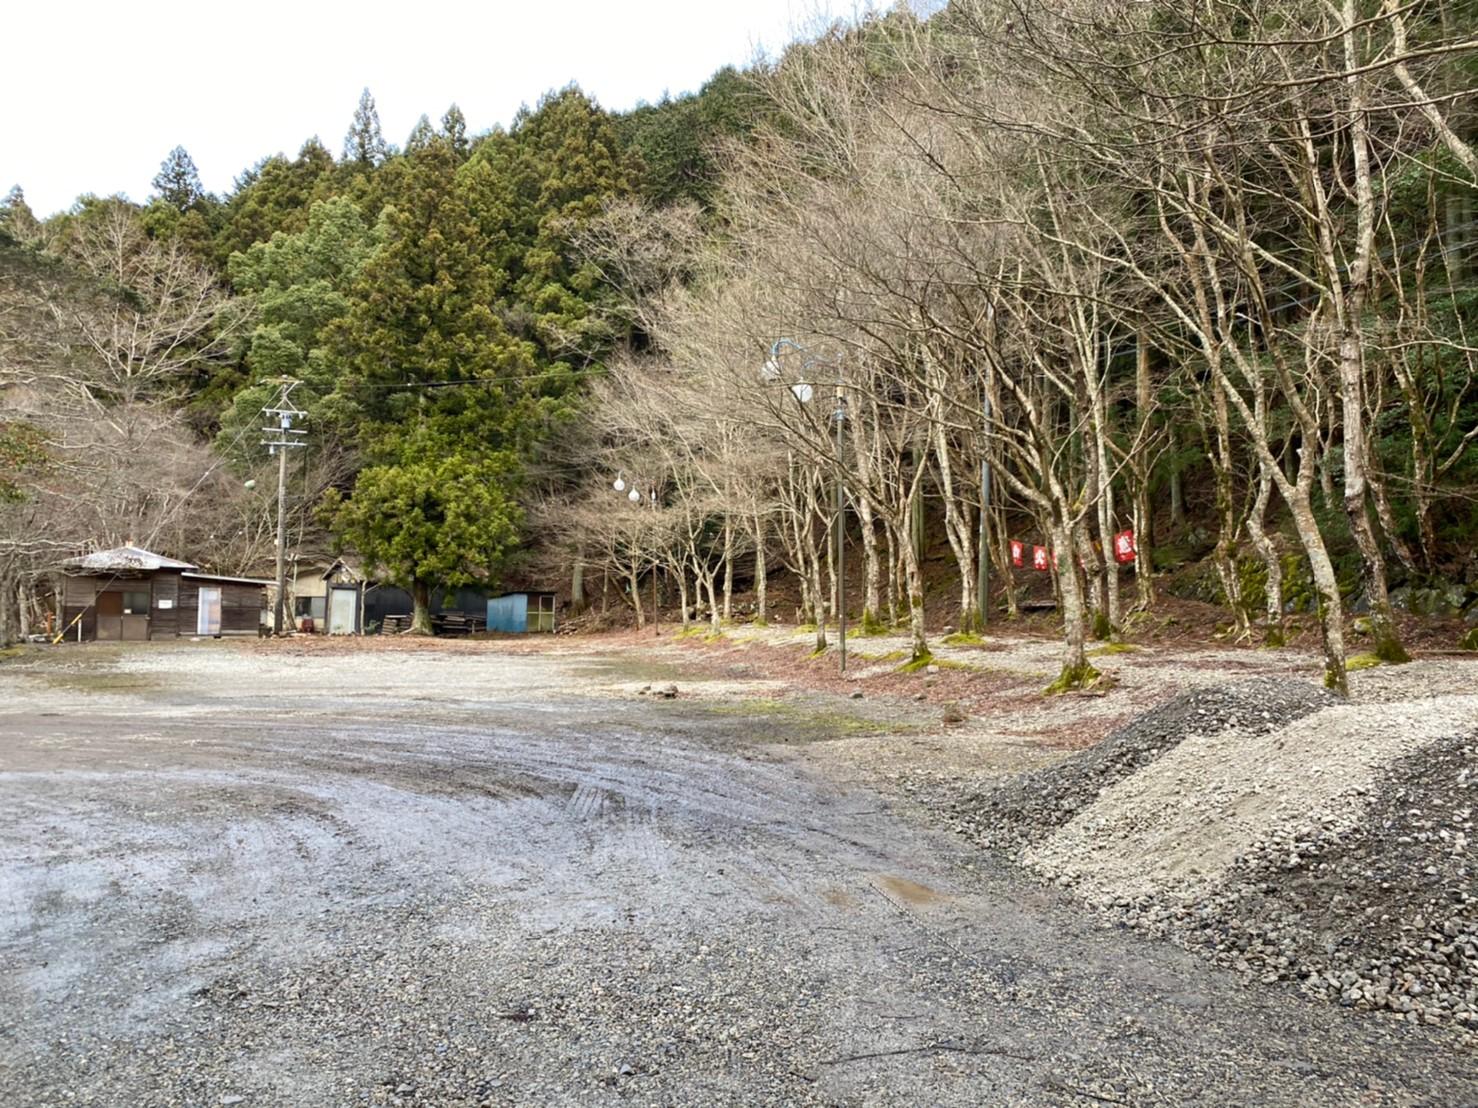 【愛知県の穴場キャンプ場】名古屋近郊『くらがりキャンプセンター』の情報まとめ